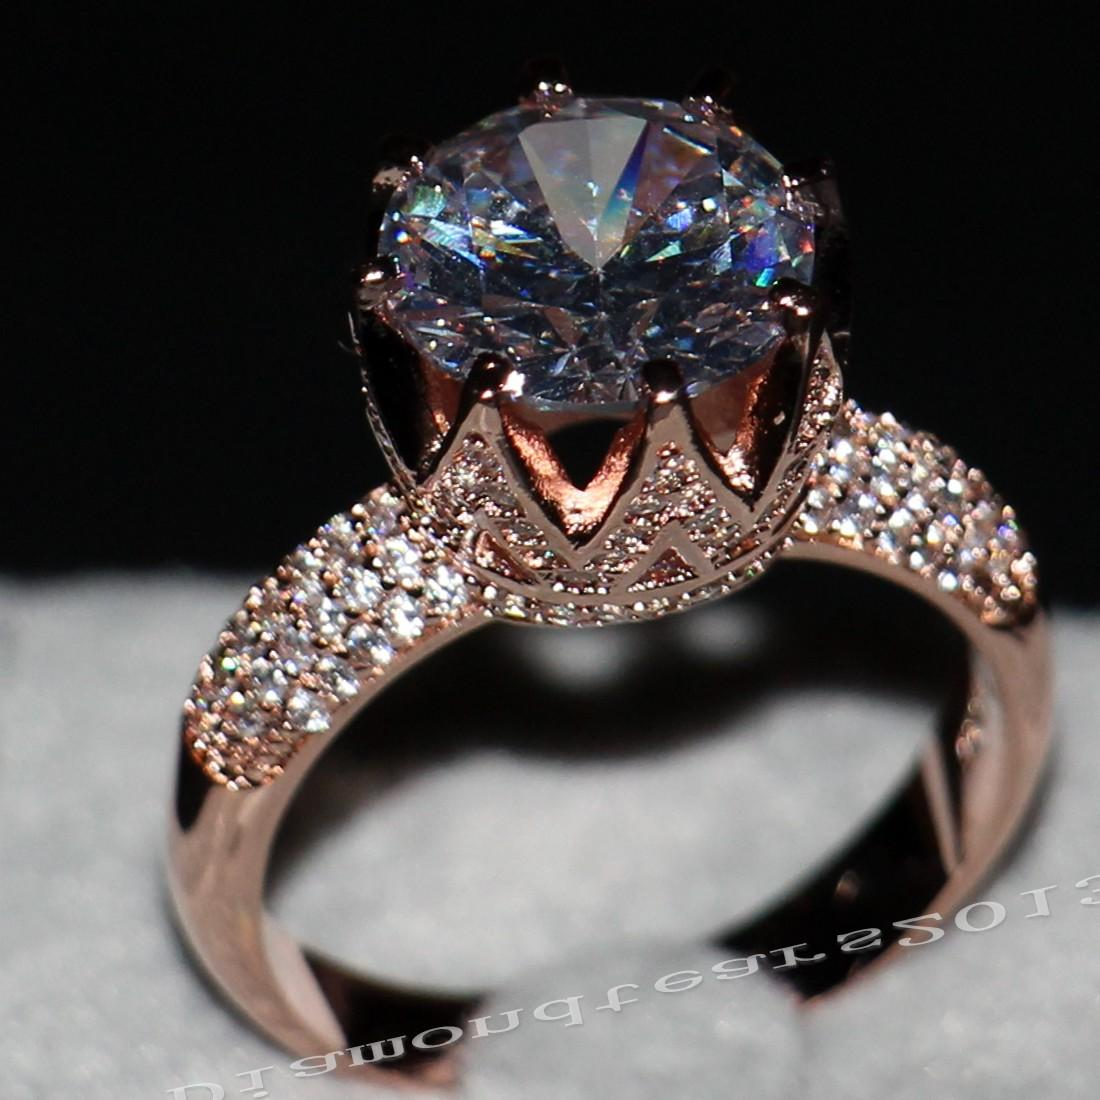 Victoria Wieck joyería de lujo 8ct Solitaire 11mm blanco zafiro diamante simulado la boda de Rose de oro de la corona de la banda de los anillos de las mujeres Tamaño 5-11 regalo